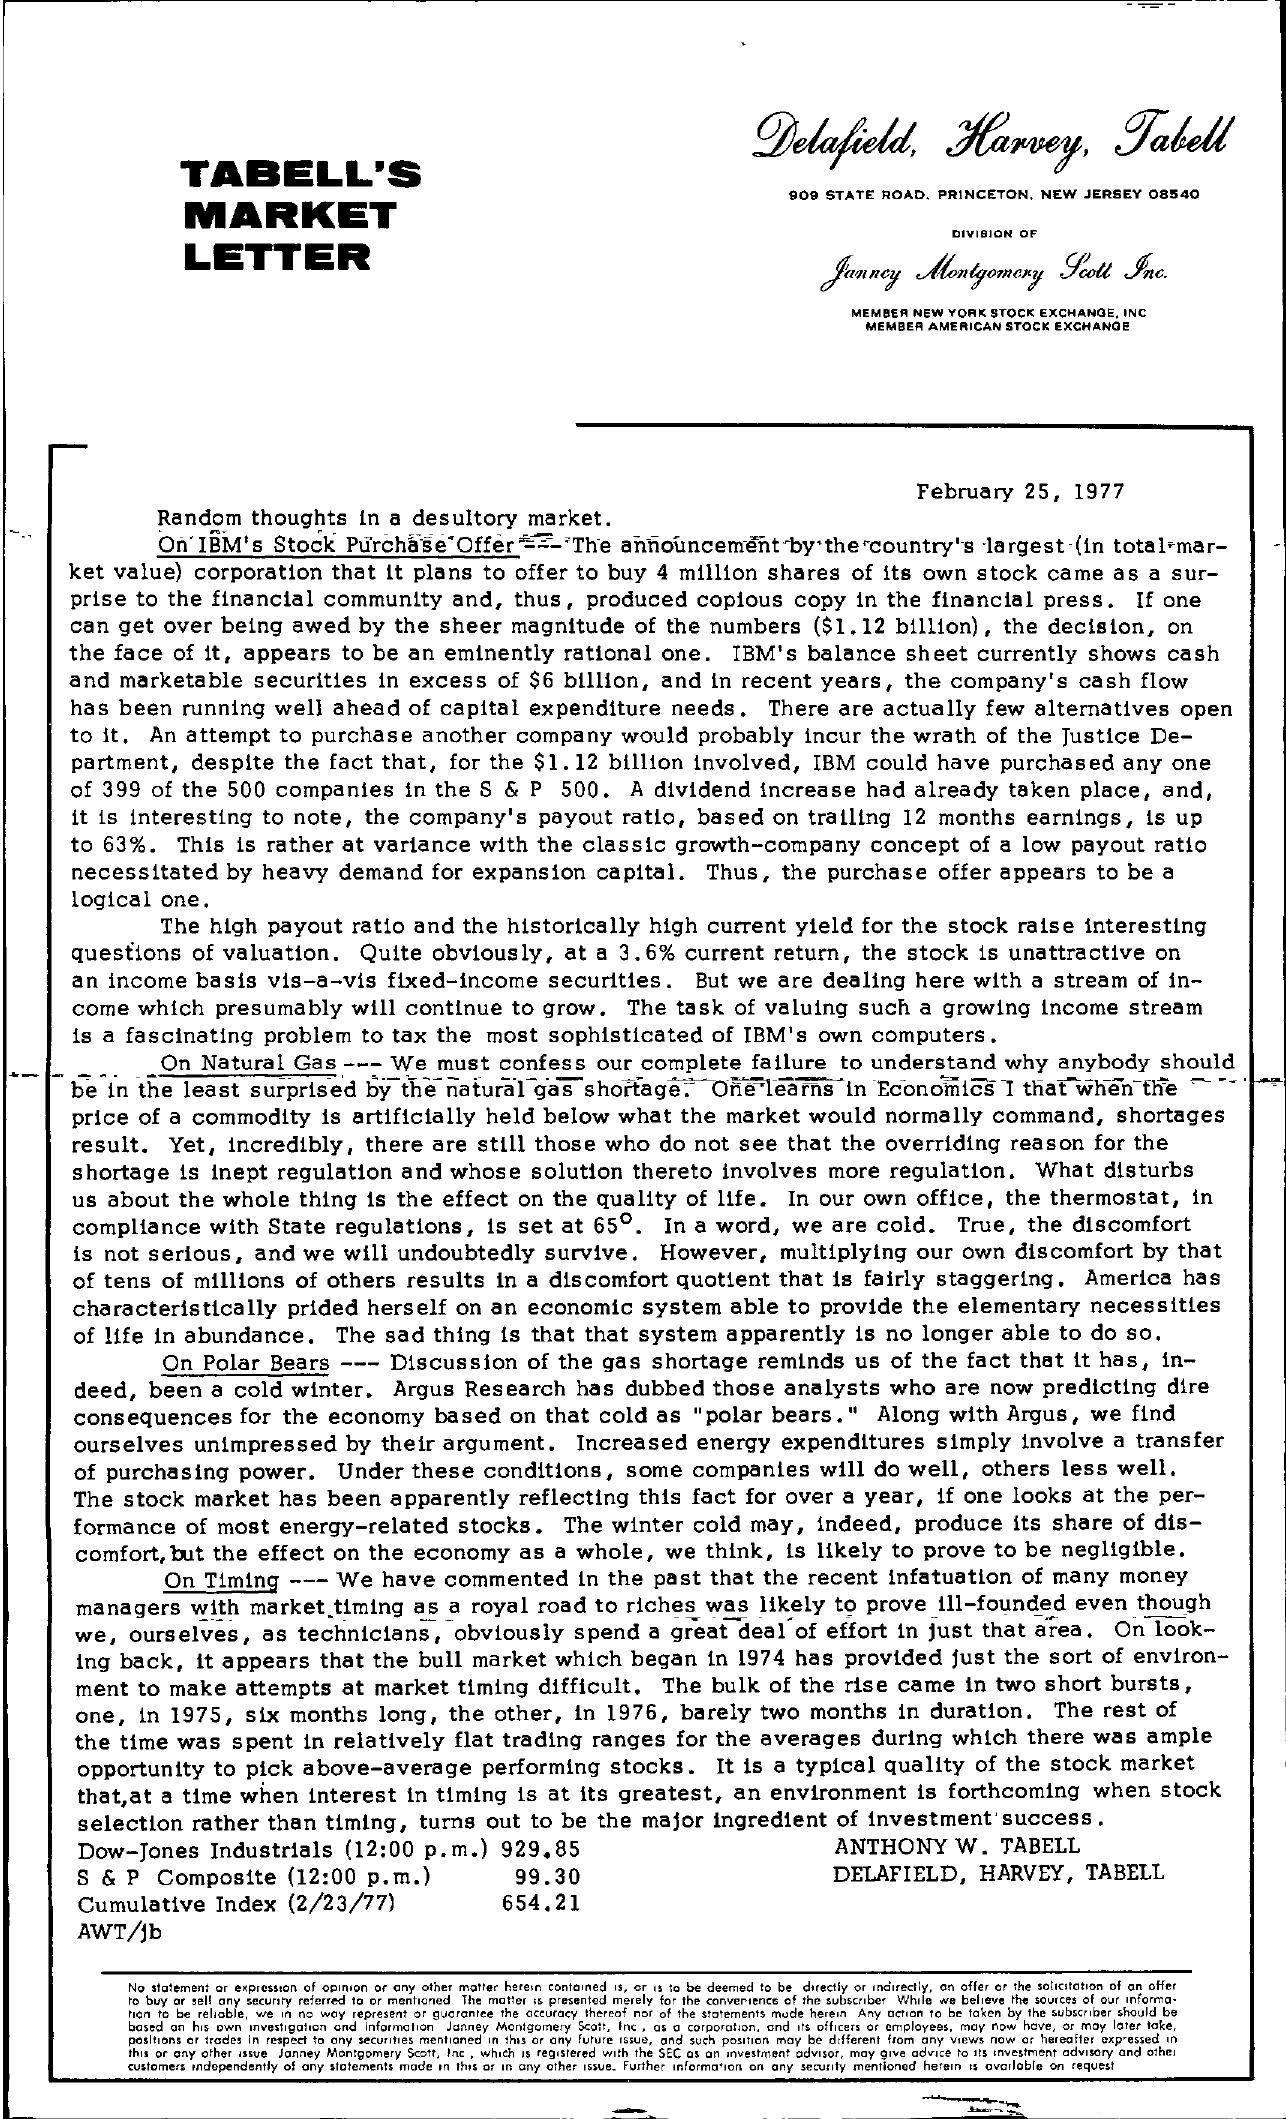 Tabell's Market Letter - February 25, 1977